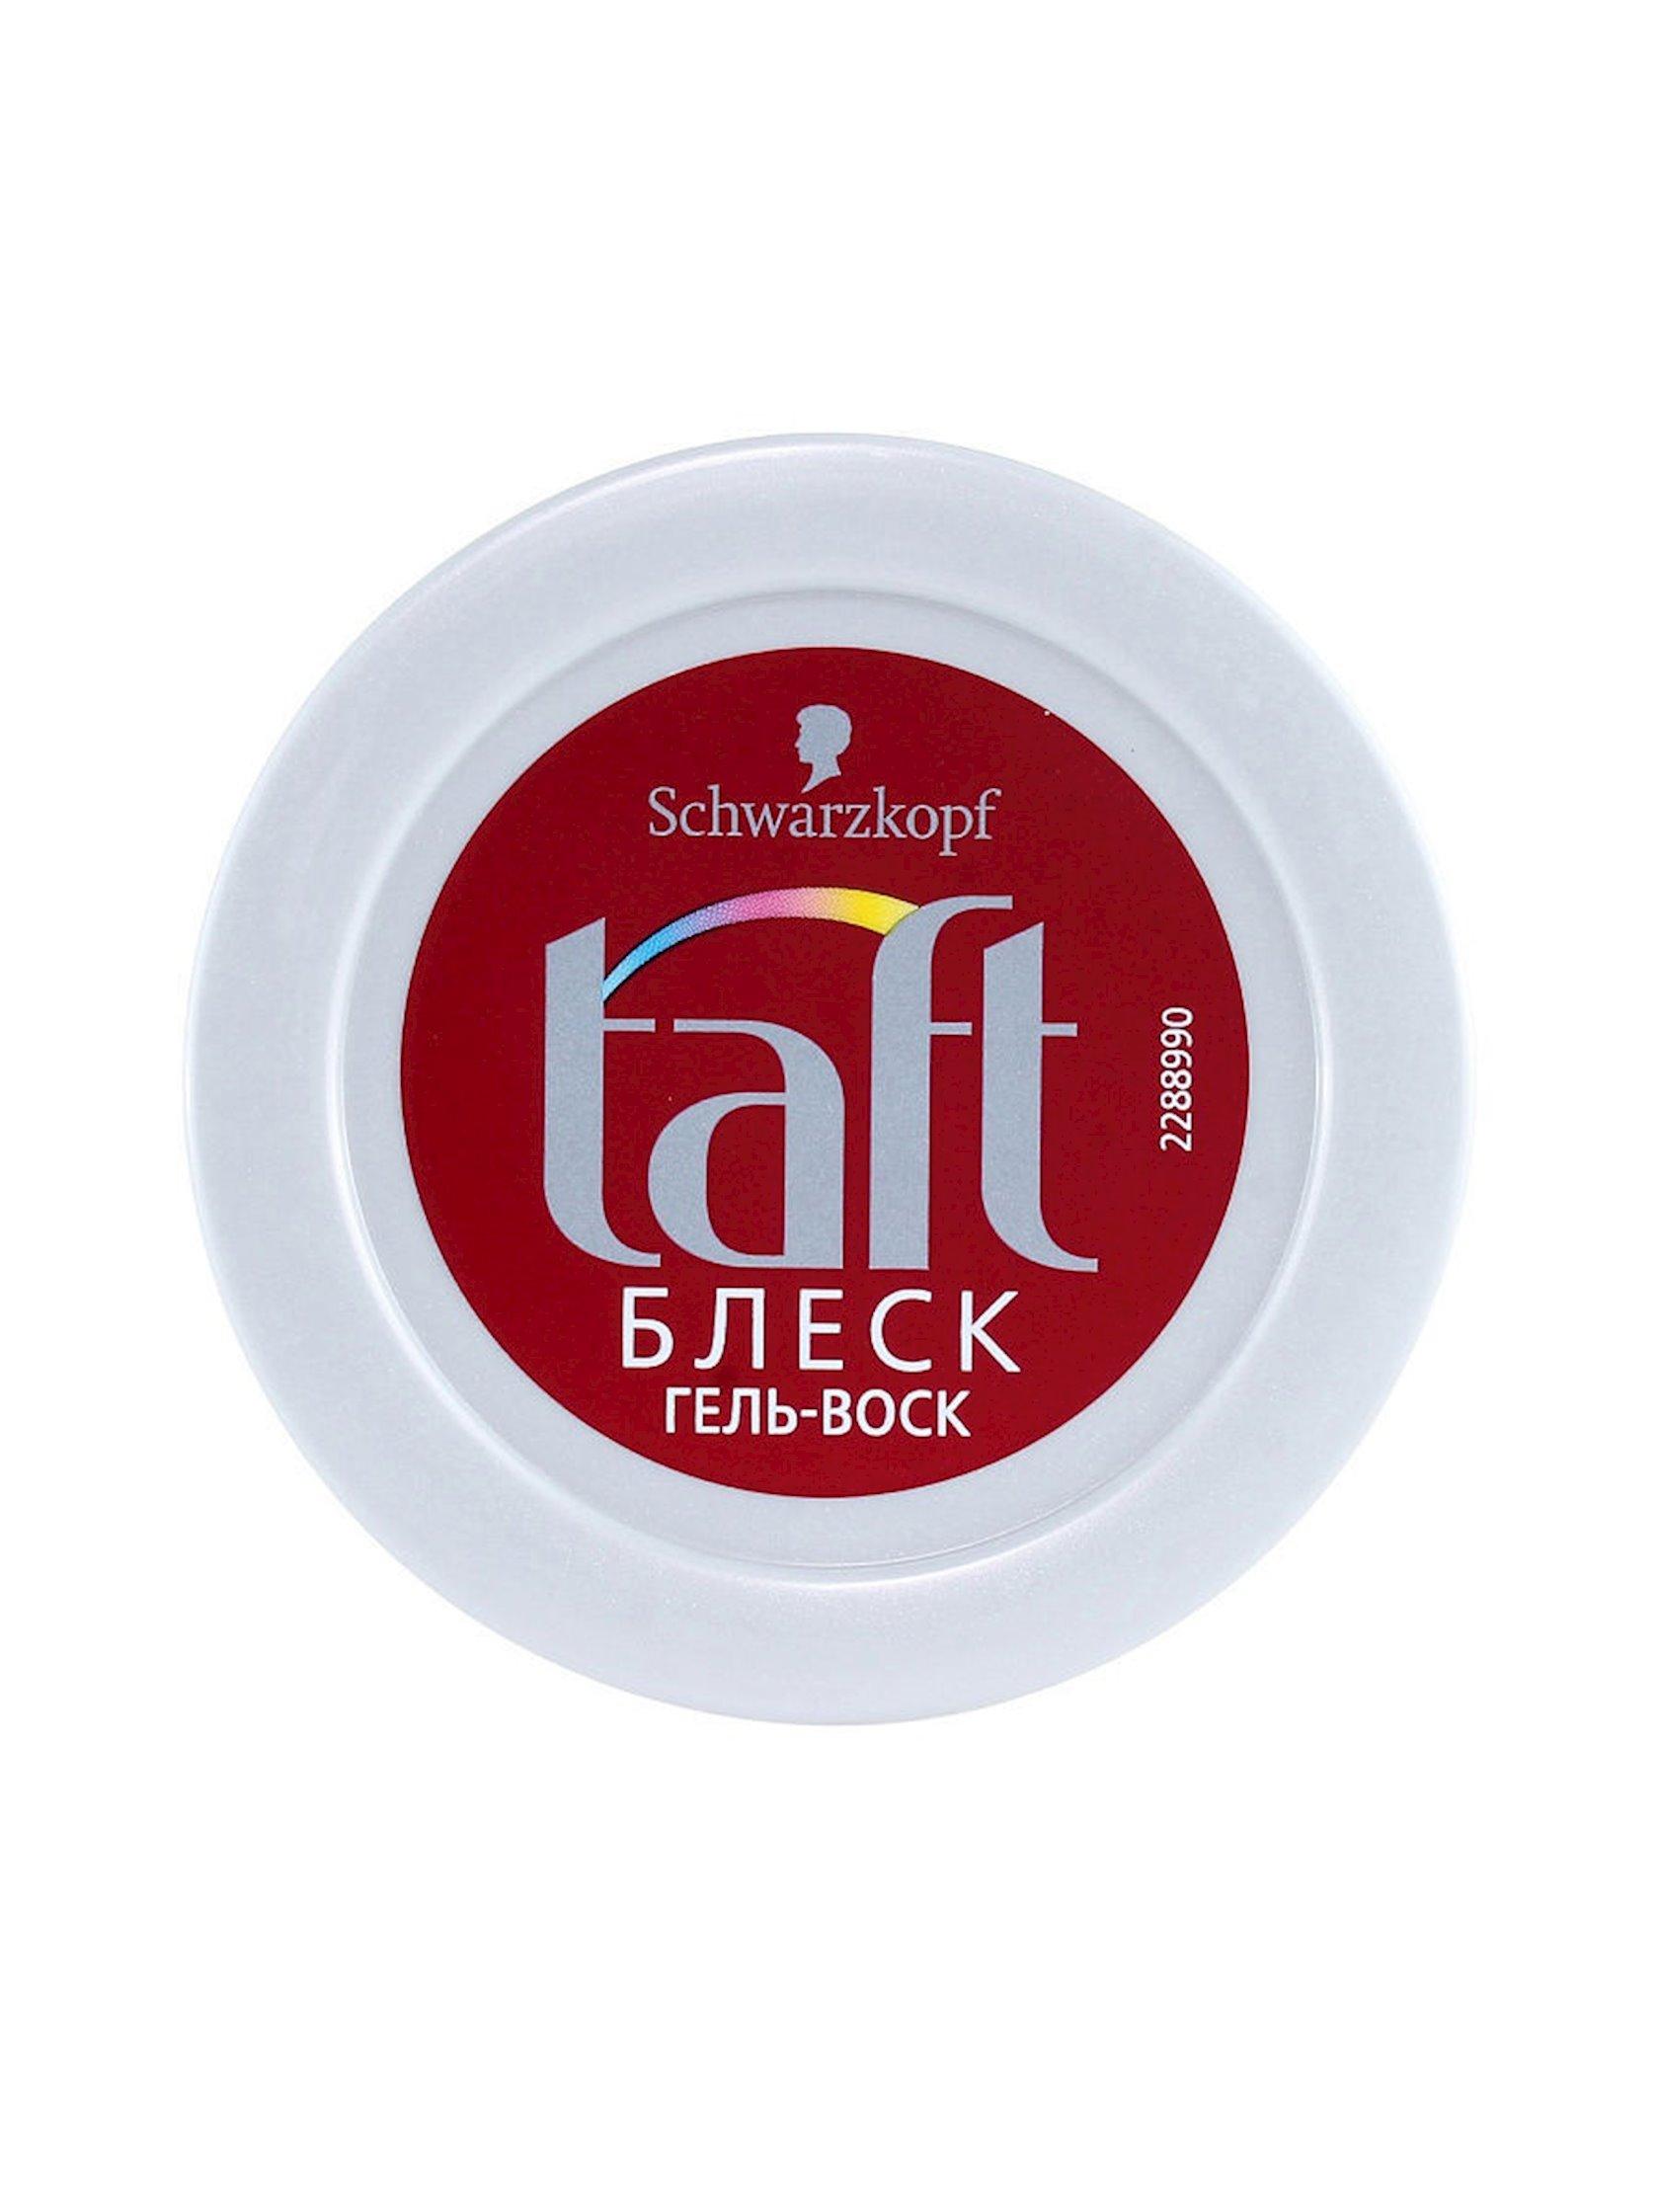 Gel-mum saç üçün Taft Parlaqlıq 75 ml